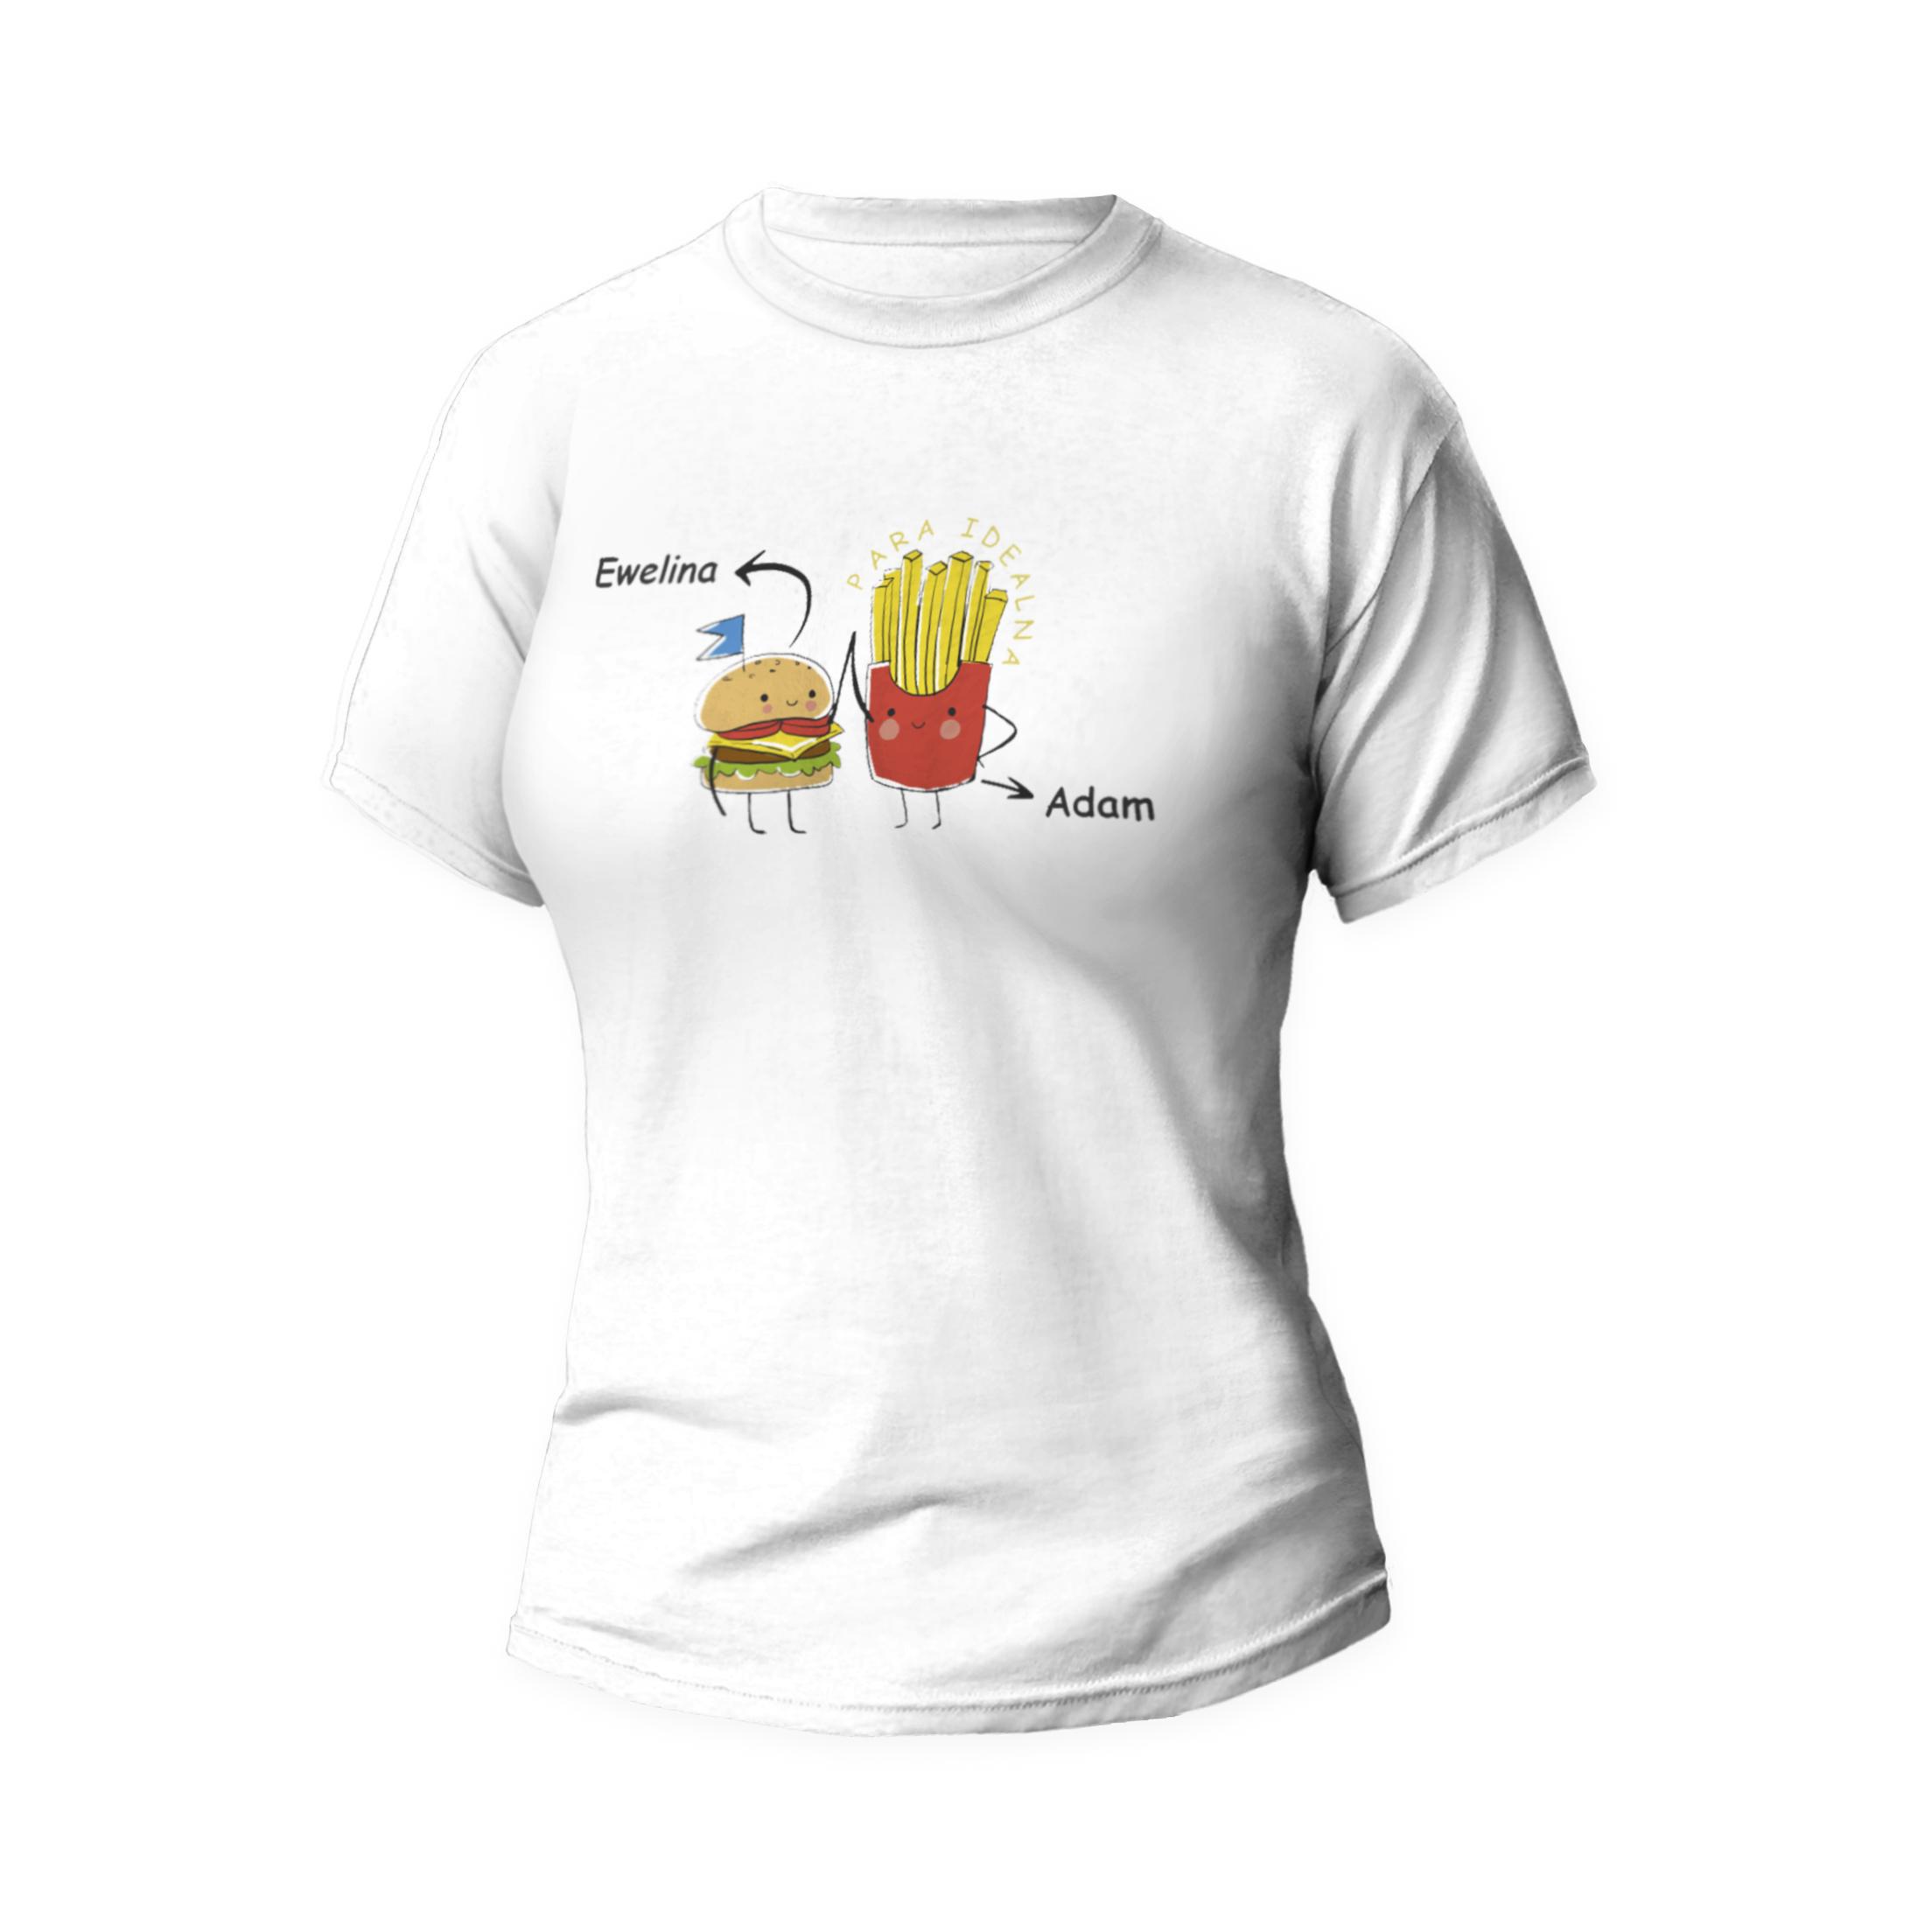 Rozmiar XXL - koszulka damska dla dziewczyny para idealna